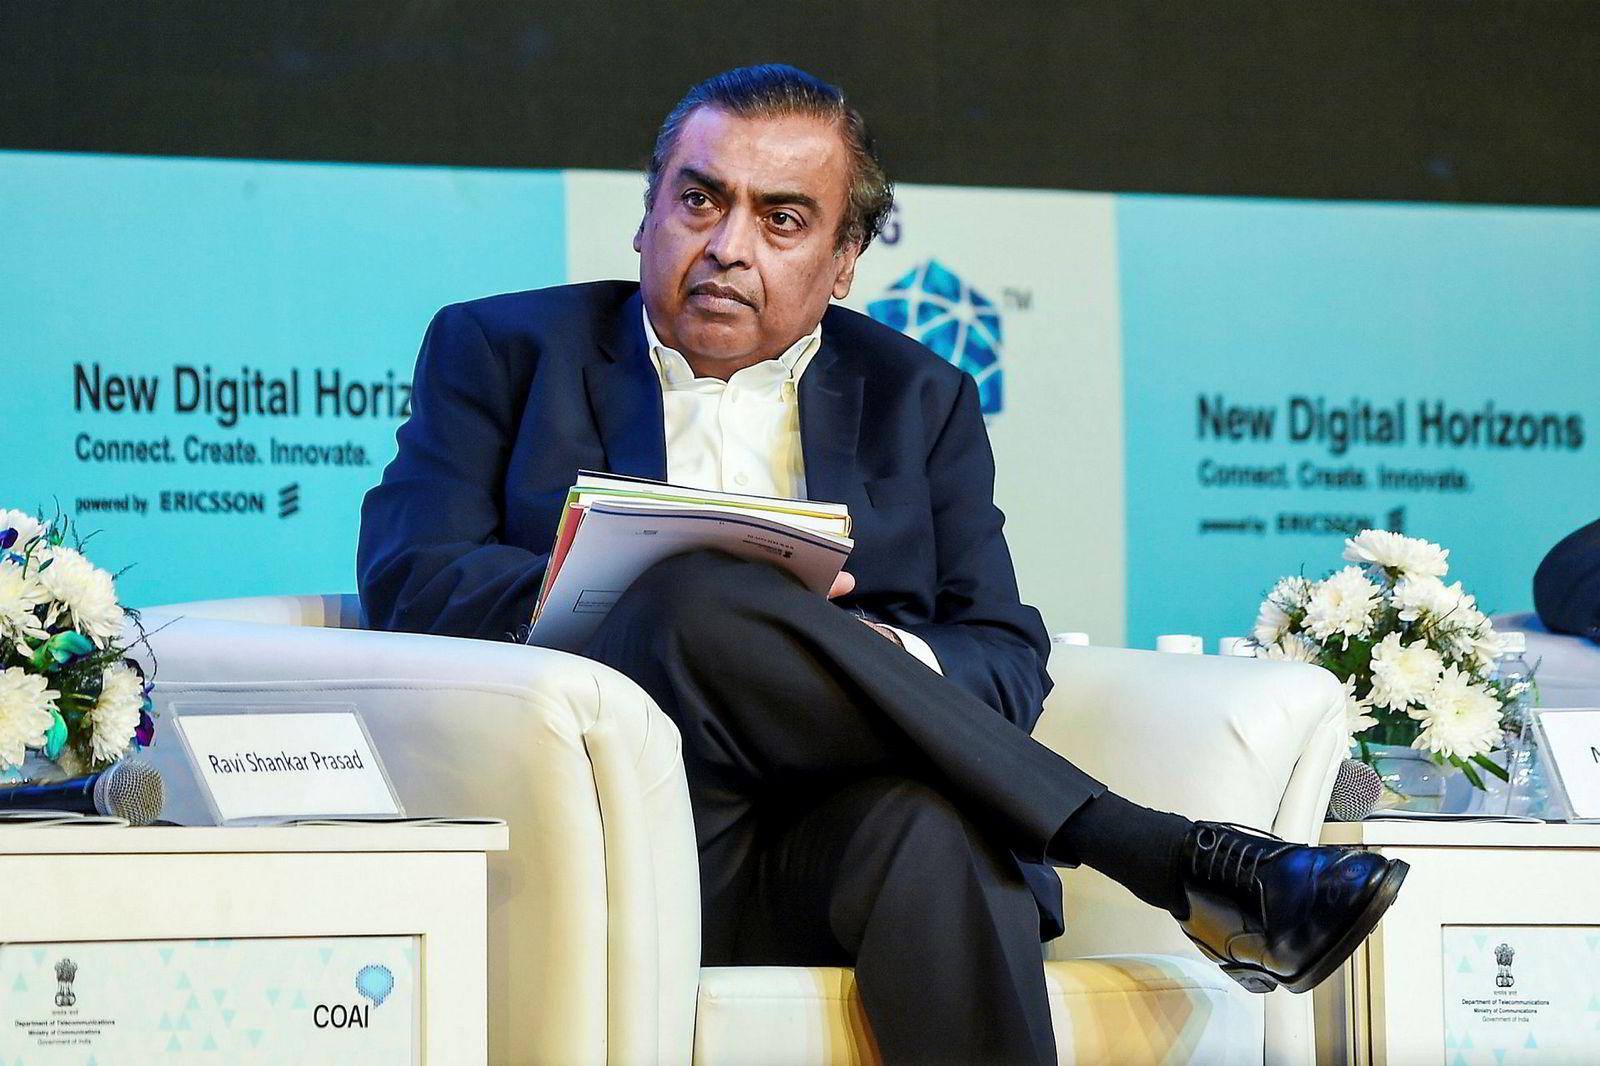 Indias rikeste mann Mukesh Ambani har mye av æren for at T-Series har vokst seg så stort. Han har gitt millioner av indere billig 4G-nettverk.